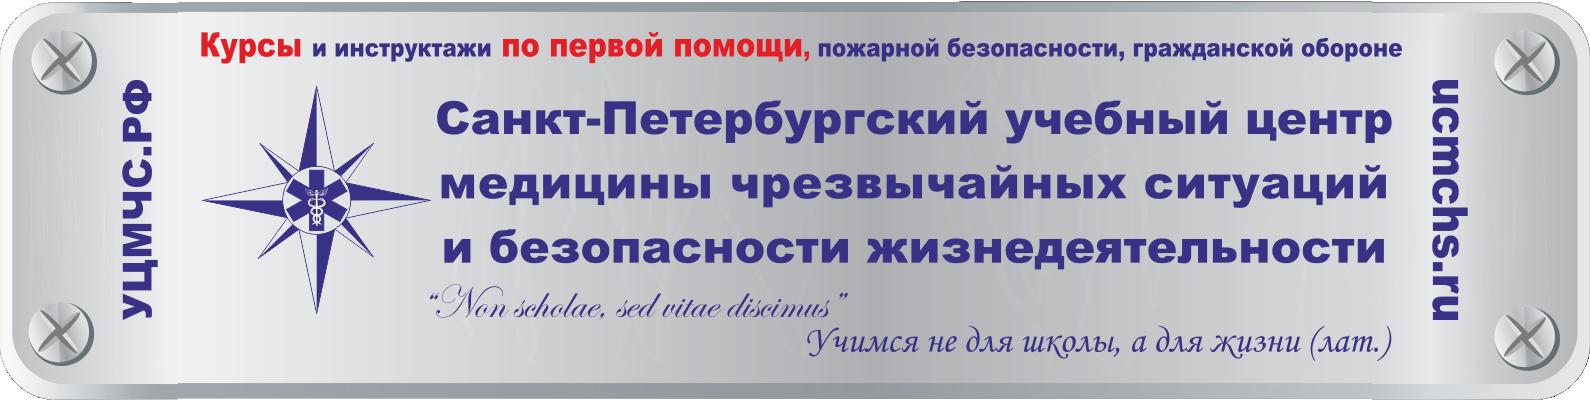 УЦМЧС.РФ